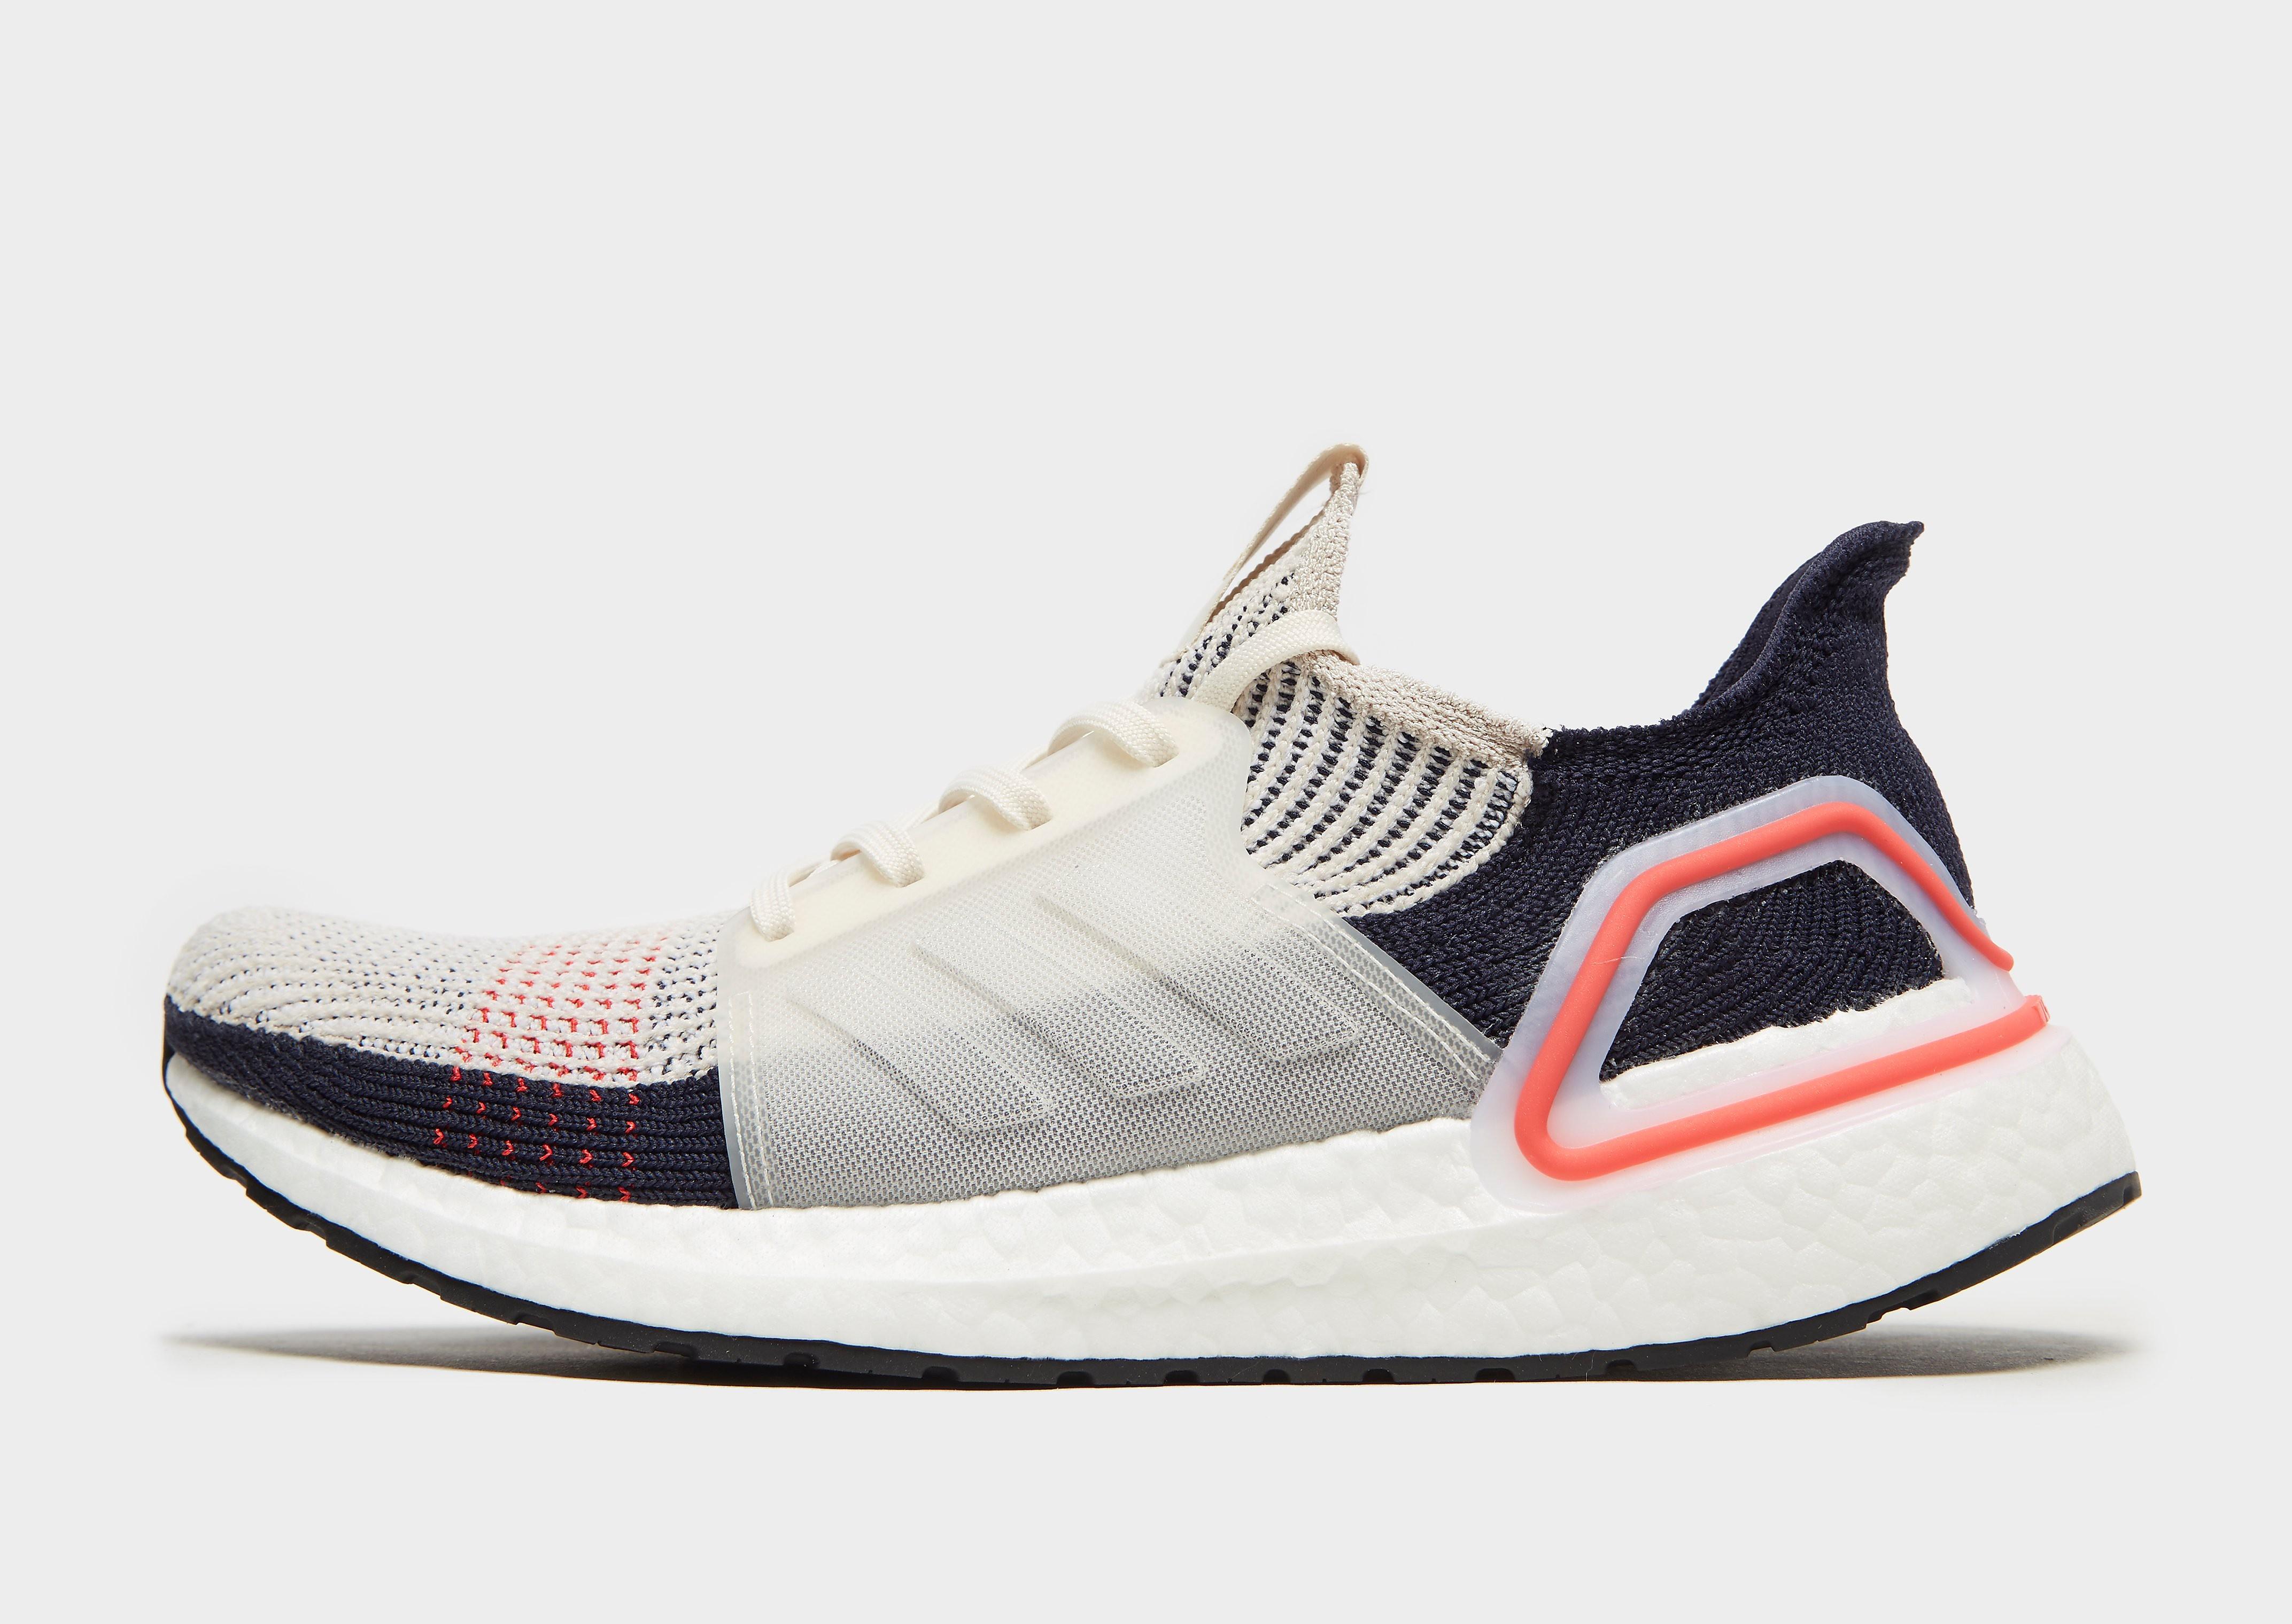 f122aab1439 Precios de sneakers Adidas UltraBoost 19 talla 42 baratas - Ofertas para  comprar online